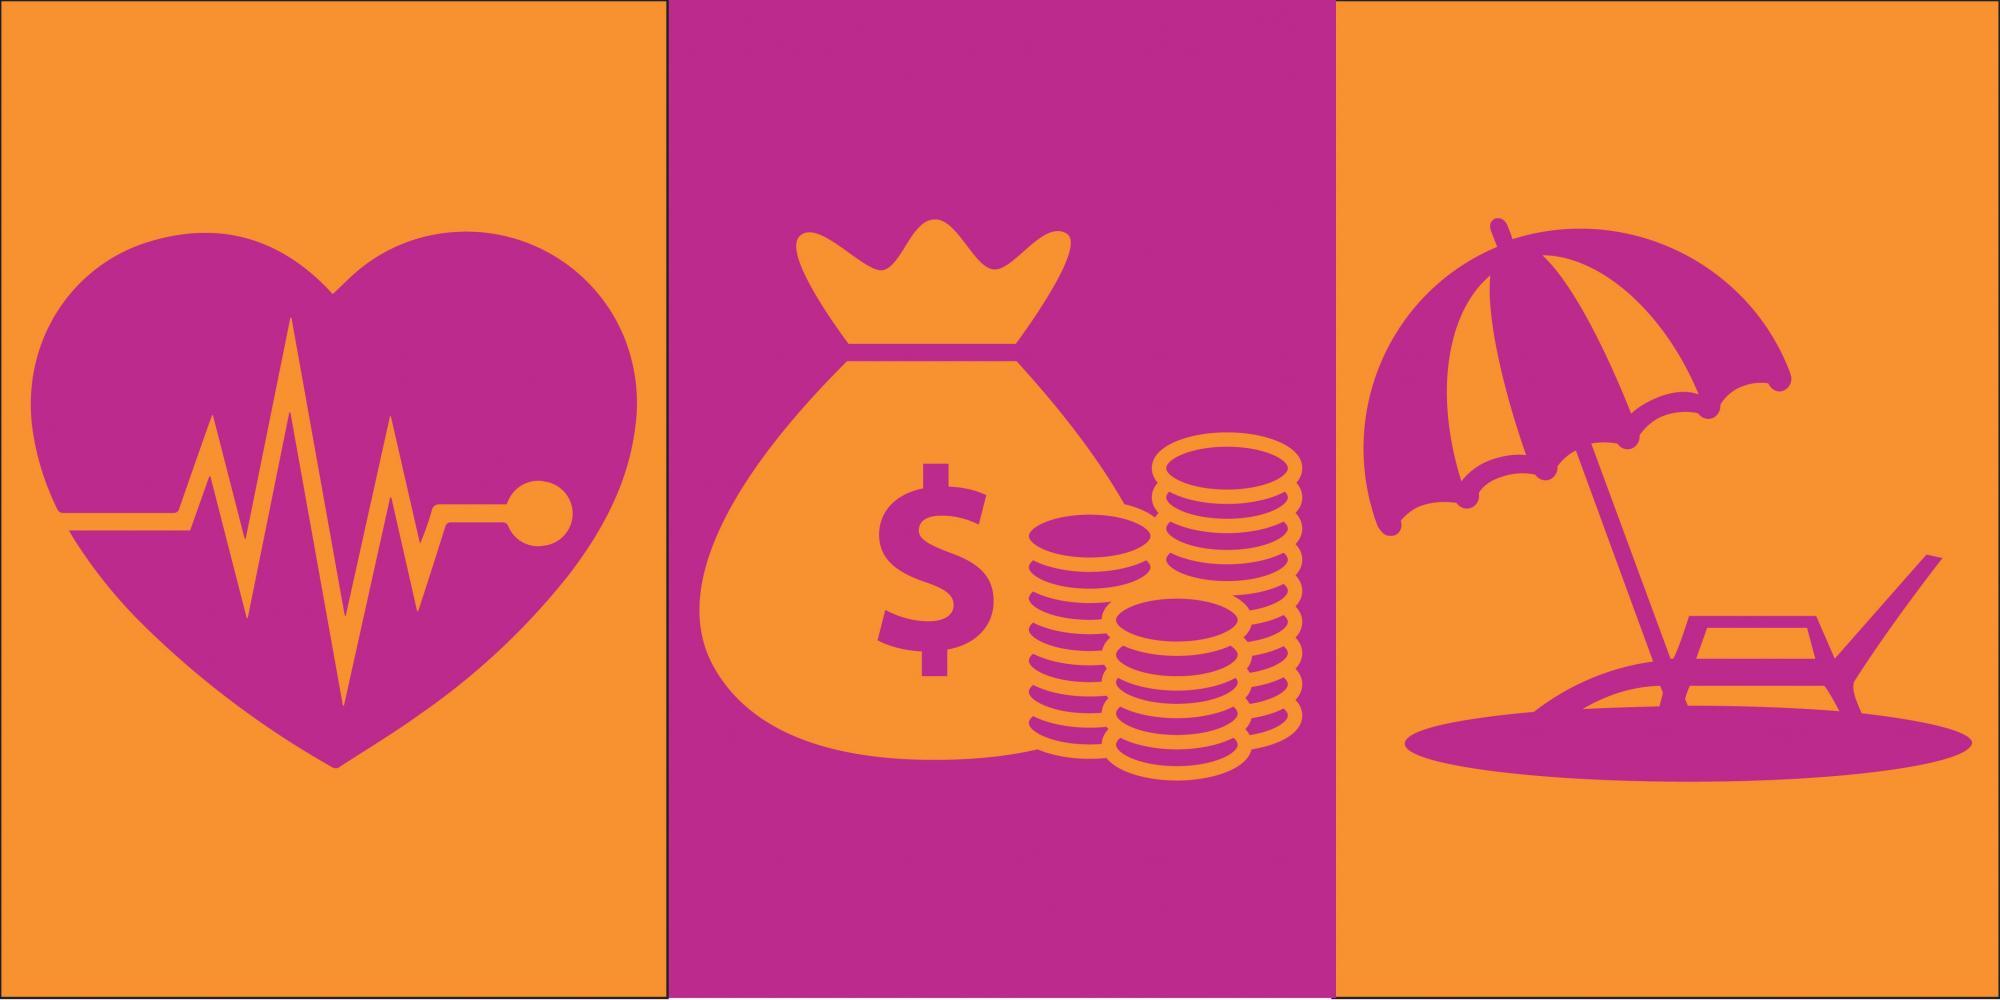 Heart icon, money icon, umbrella icon in orange and magenta